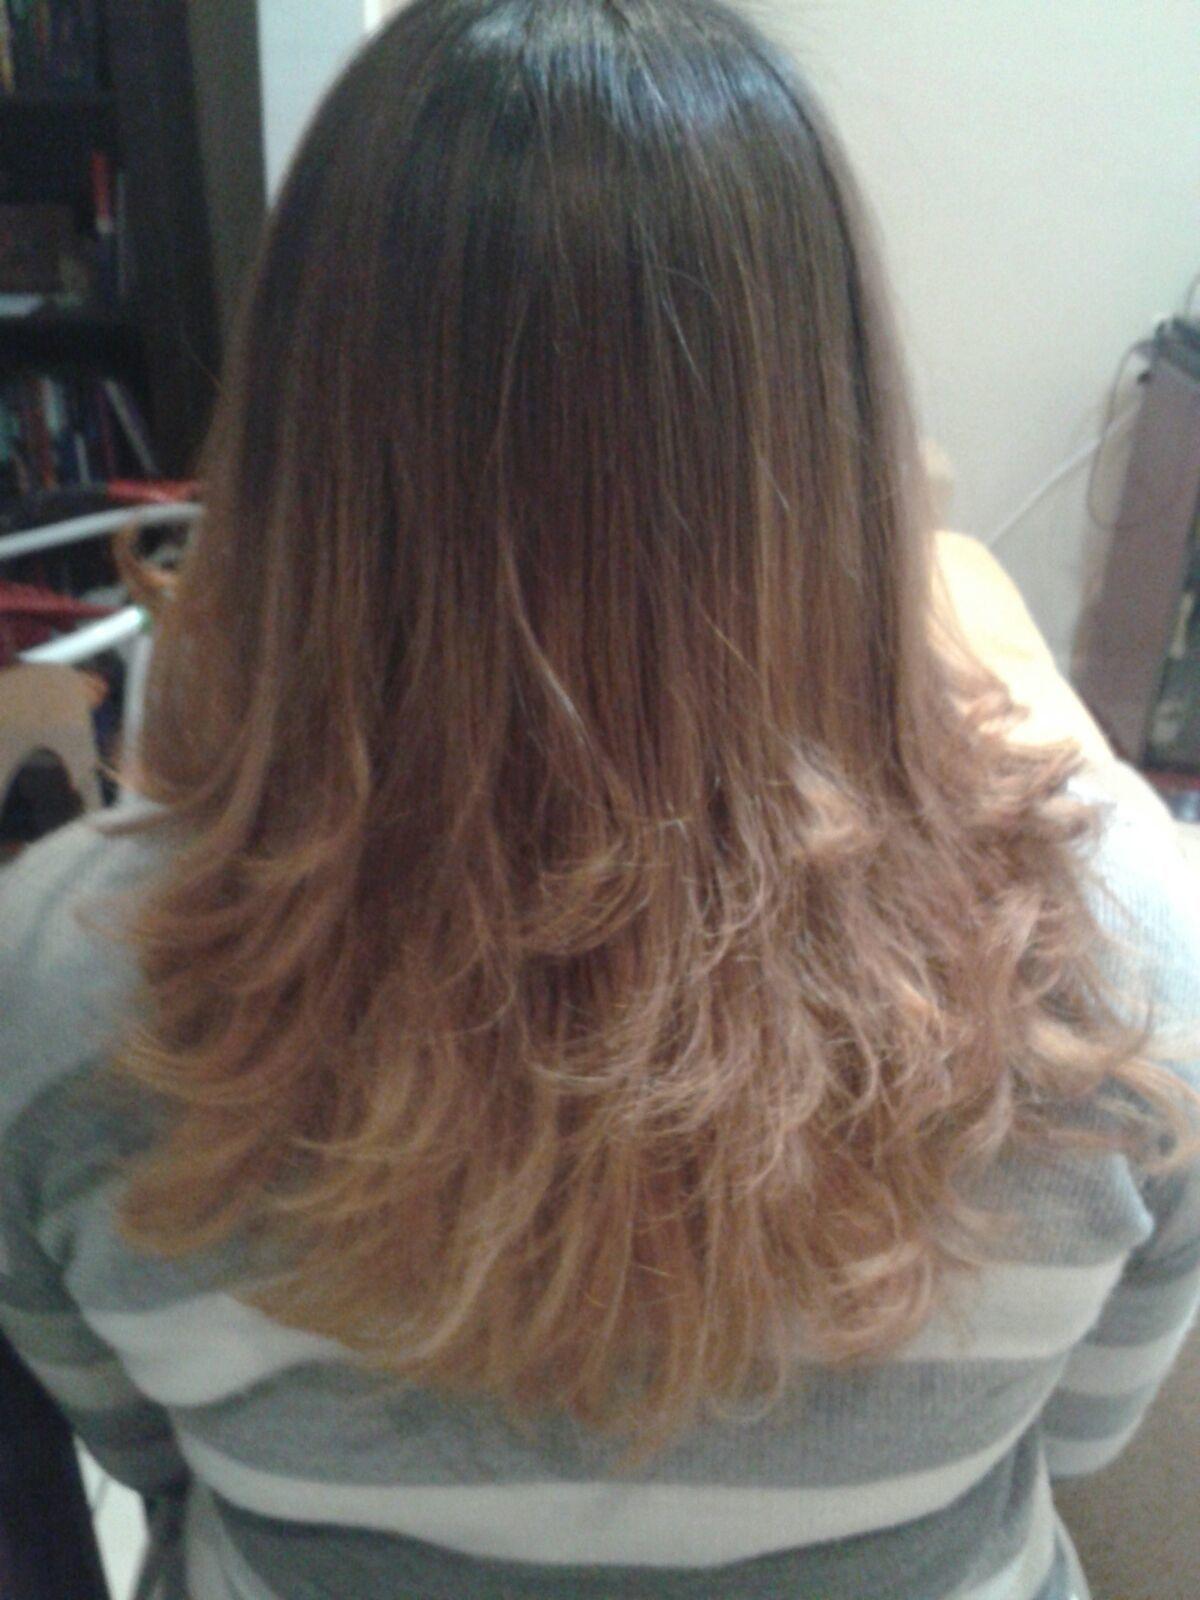 Cliente Denise  Feito a domicílio. Lavado, escovado, finalizado na prancha com as pontas modeladas. auxiliar cabeleireiro(a) cabeleireiro(a)